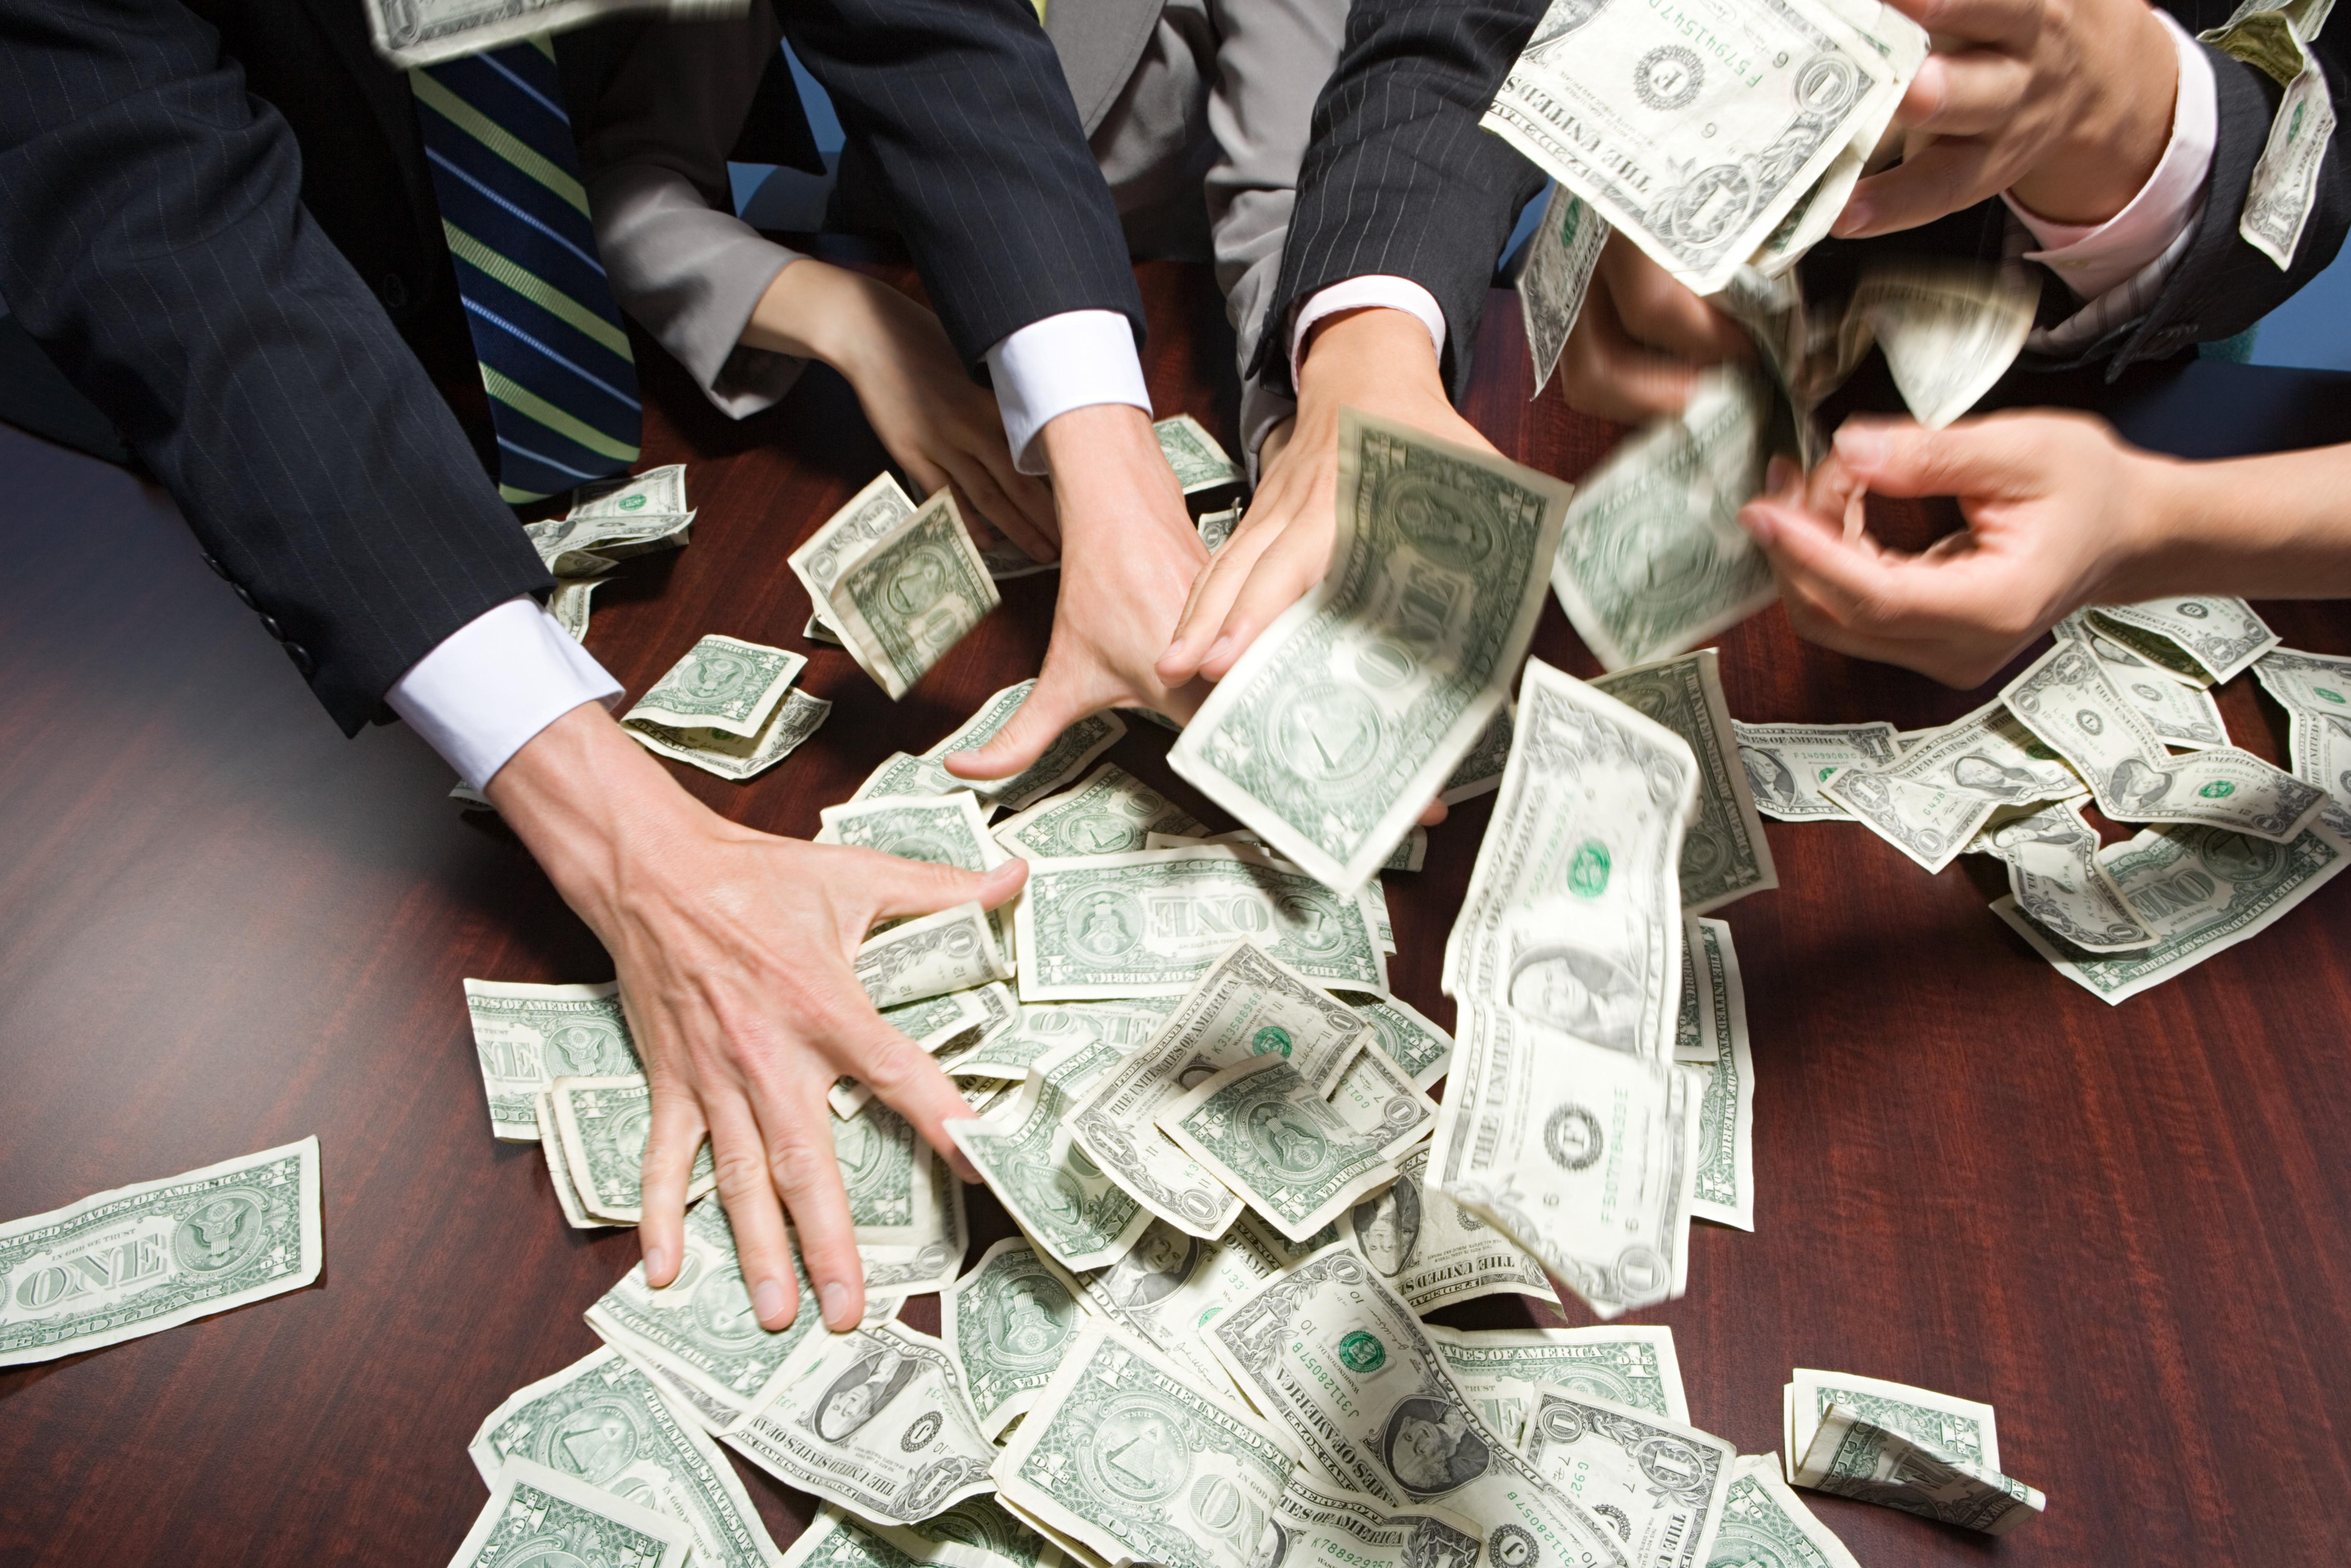 Biglaw's Billion-Dollar Club Keeps Growing